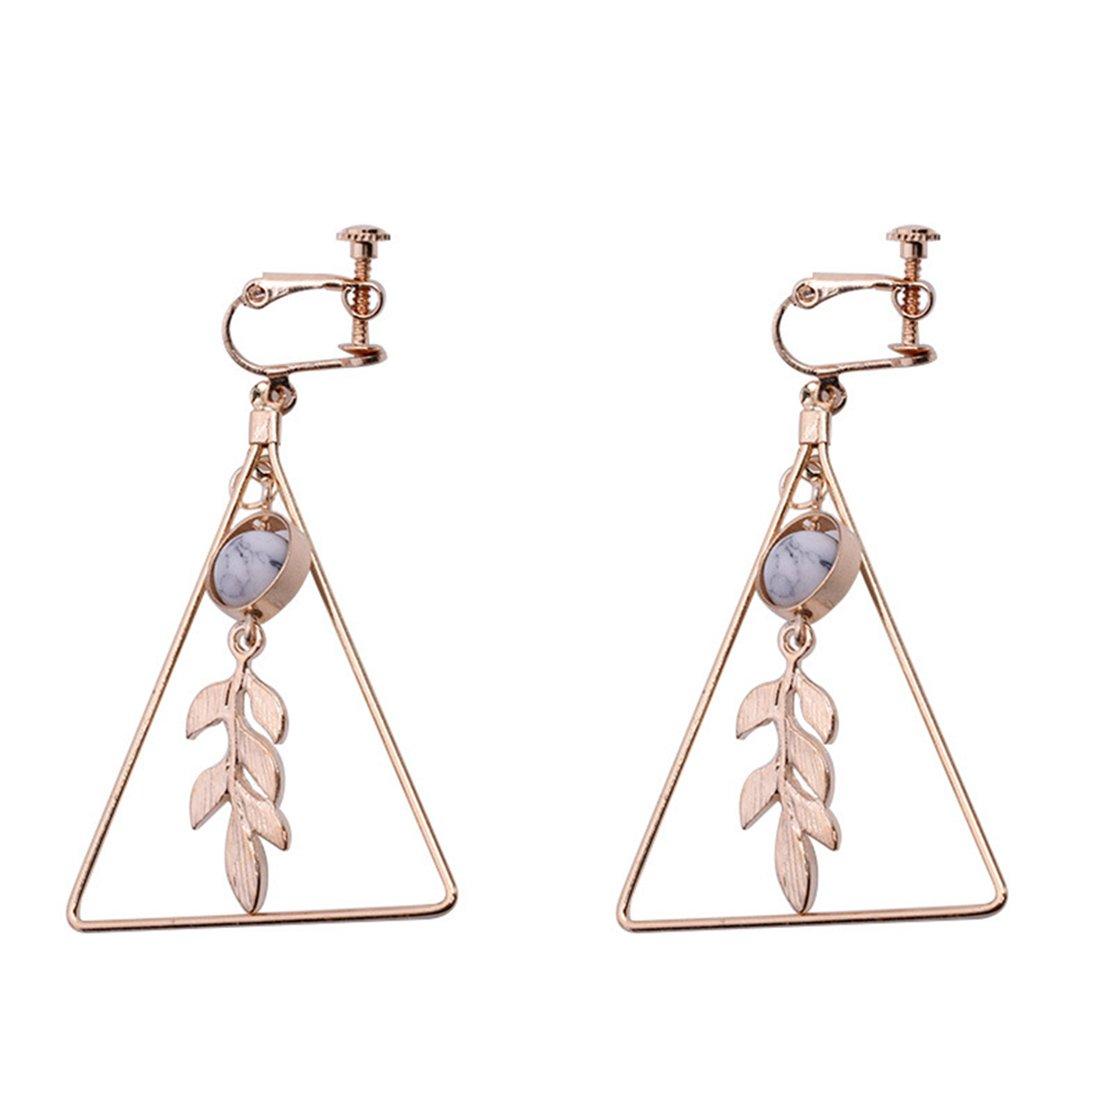 Freedi Women Ear Cuffs Geometry Leaf Dangle Clip On Earrings Non Pierced Ears Fashion Birthday Jewelry Gift for Girls